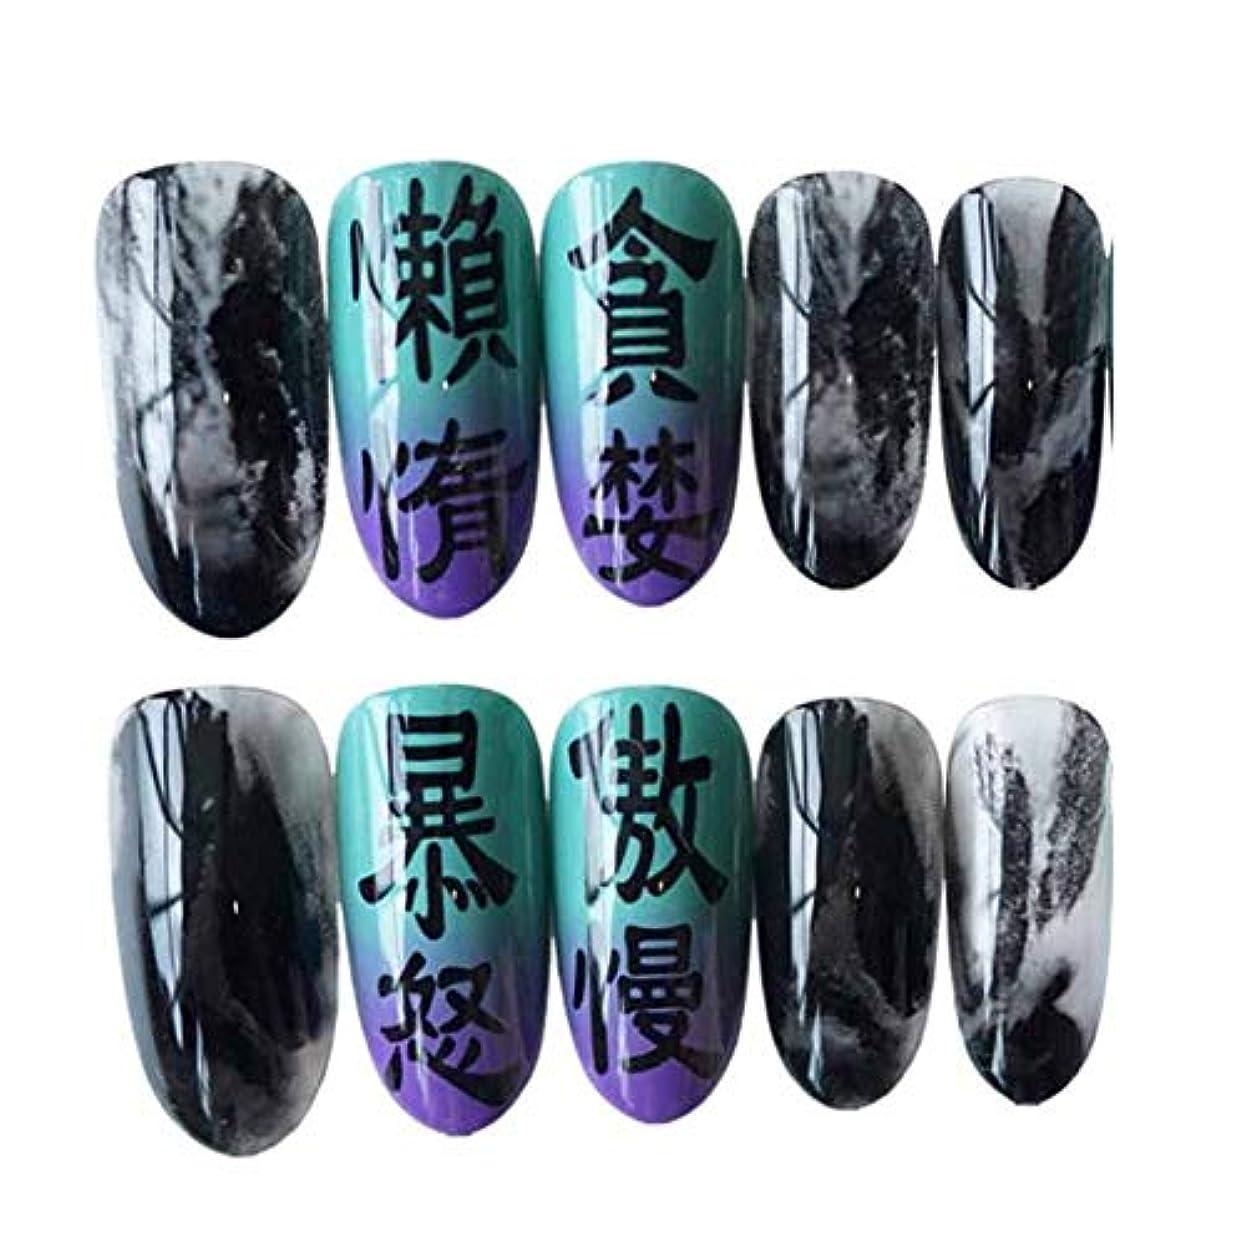 影響力のある比喩手つかずの嫉妬 - 紫/黒のシャープな偽の指爪人工的な偽の爪のヒント暗い